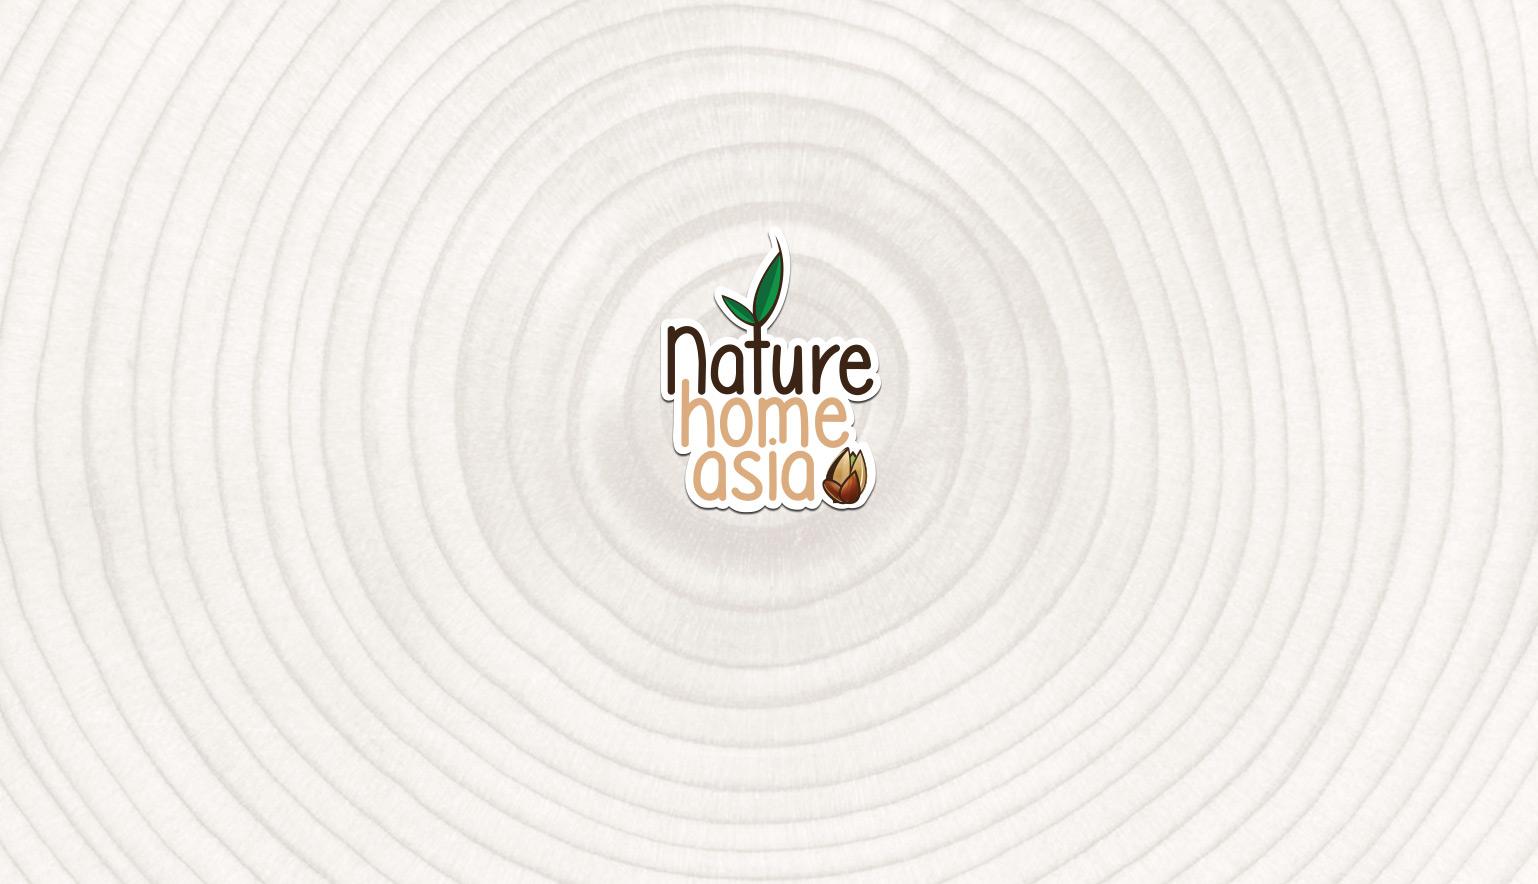 KOS Design - Nature Home Asia